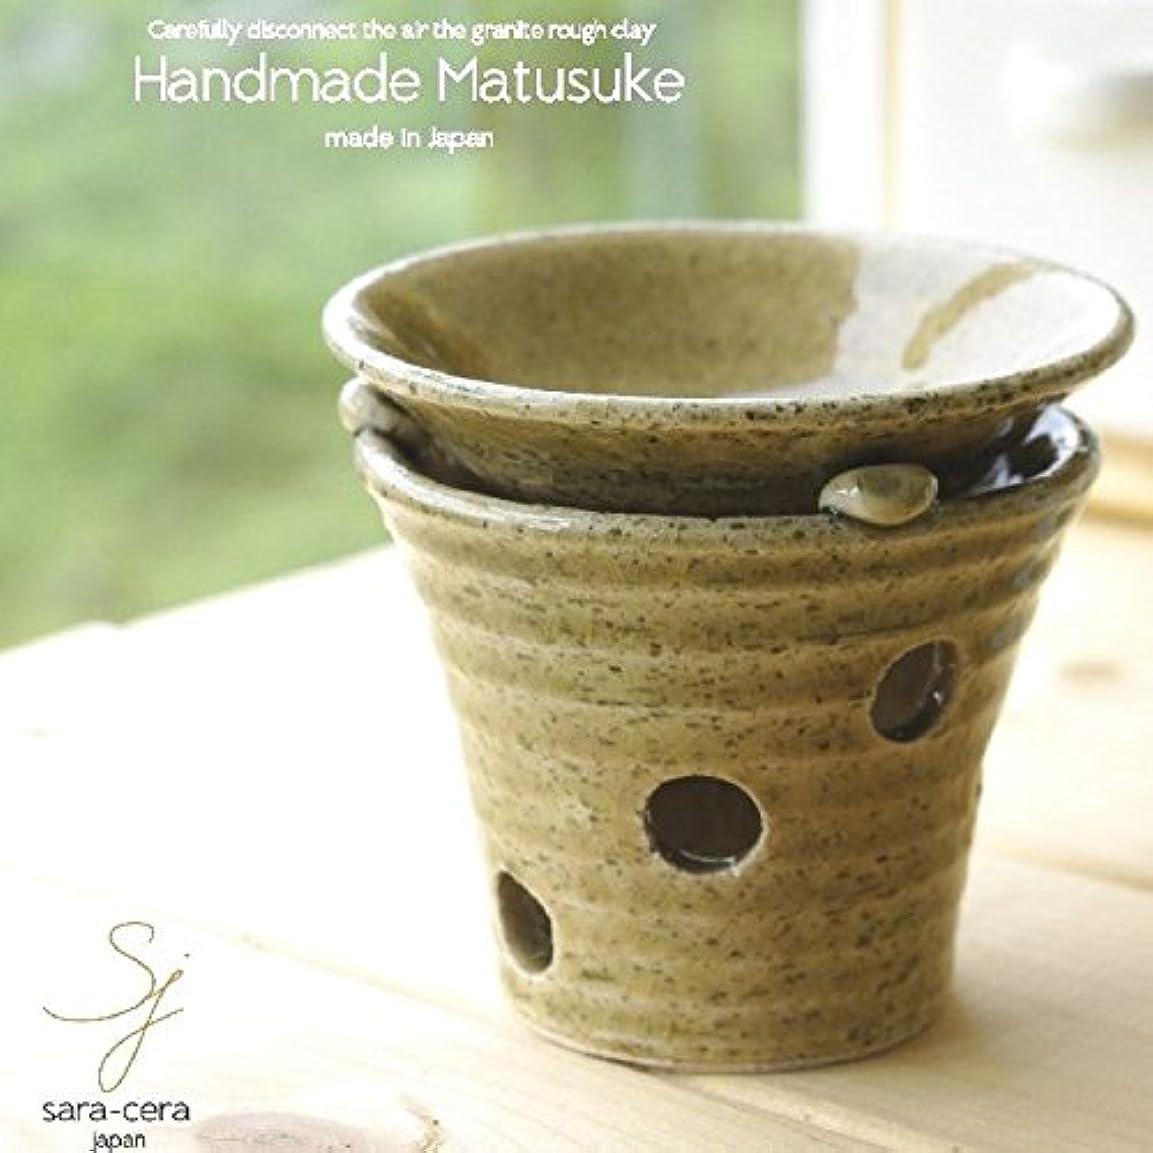 を通して降下サンダー松助窯 手作り茶香炉セット 灰釉ビードロ アロマ 和風 陶器 手づくり 日本製 美濃焼